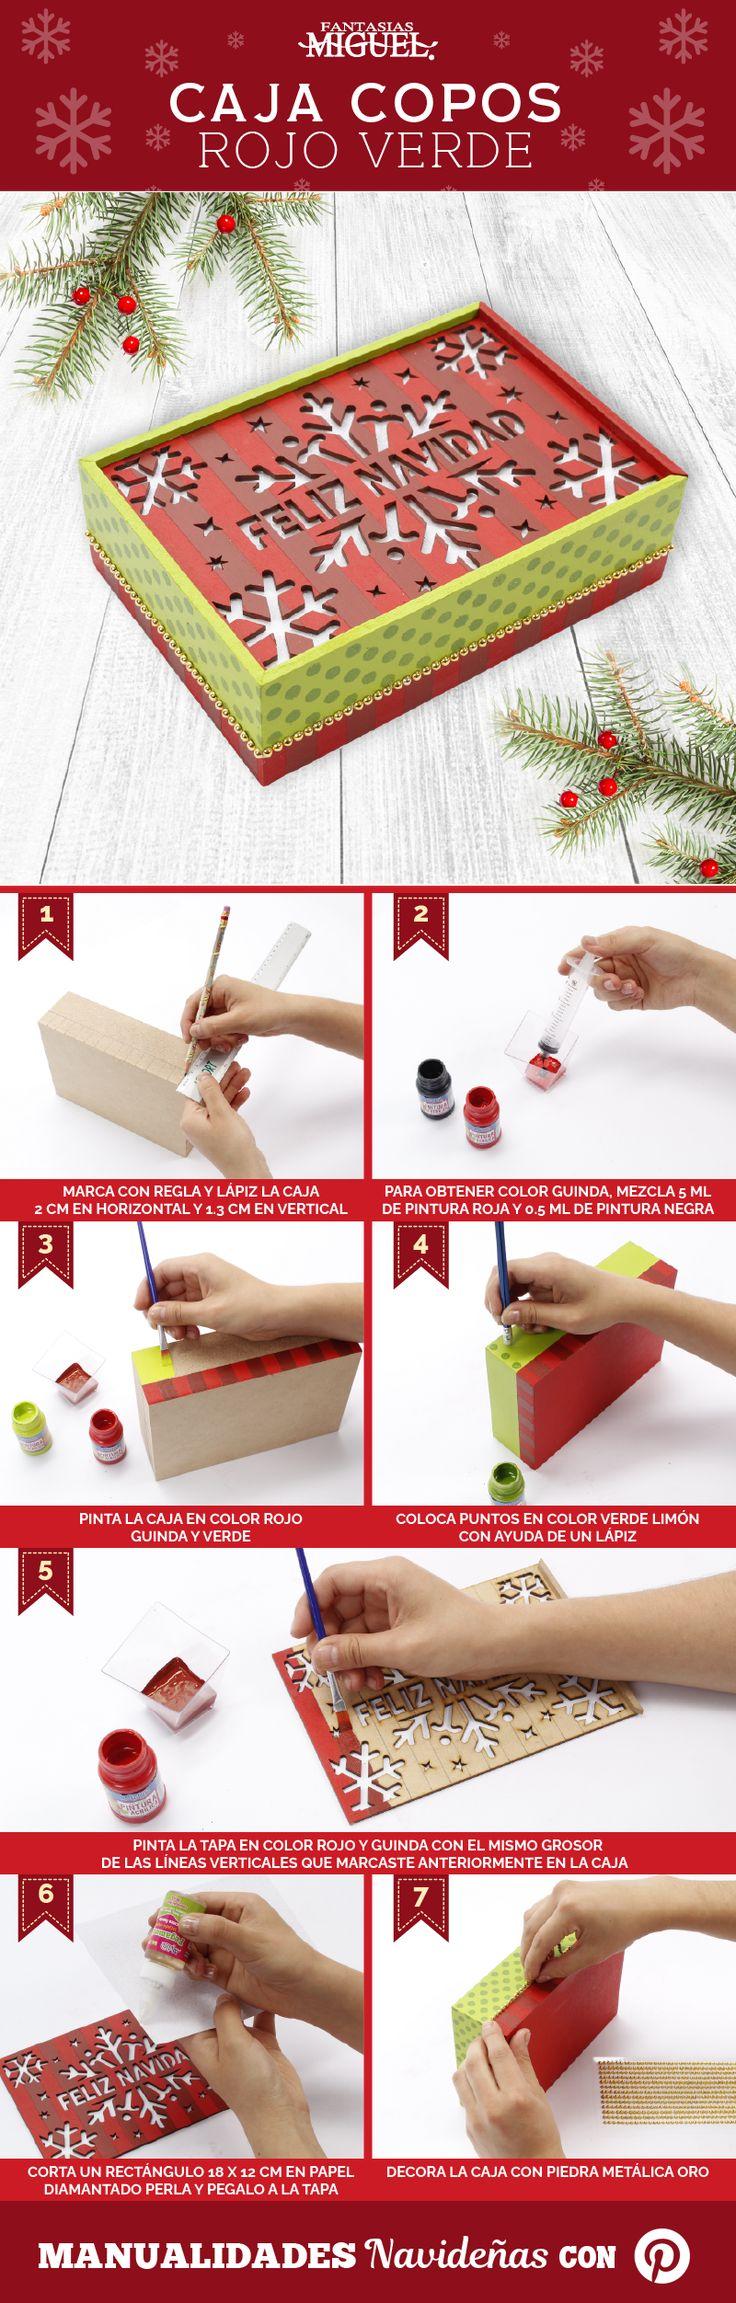 ¡Crea una increíble caja de copos y dale un toque fantástico! Christmas Ideas, Diy, Home Decor, Cellophane Bags, Plastic Crates, Wooden Crates, Pintura, Art, Flower Vases